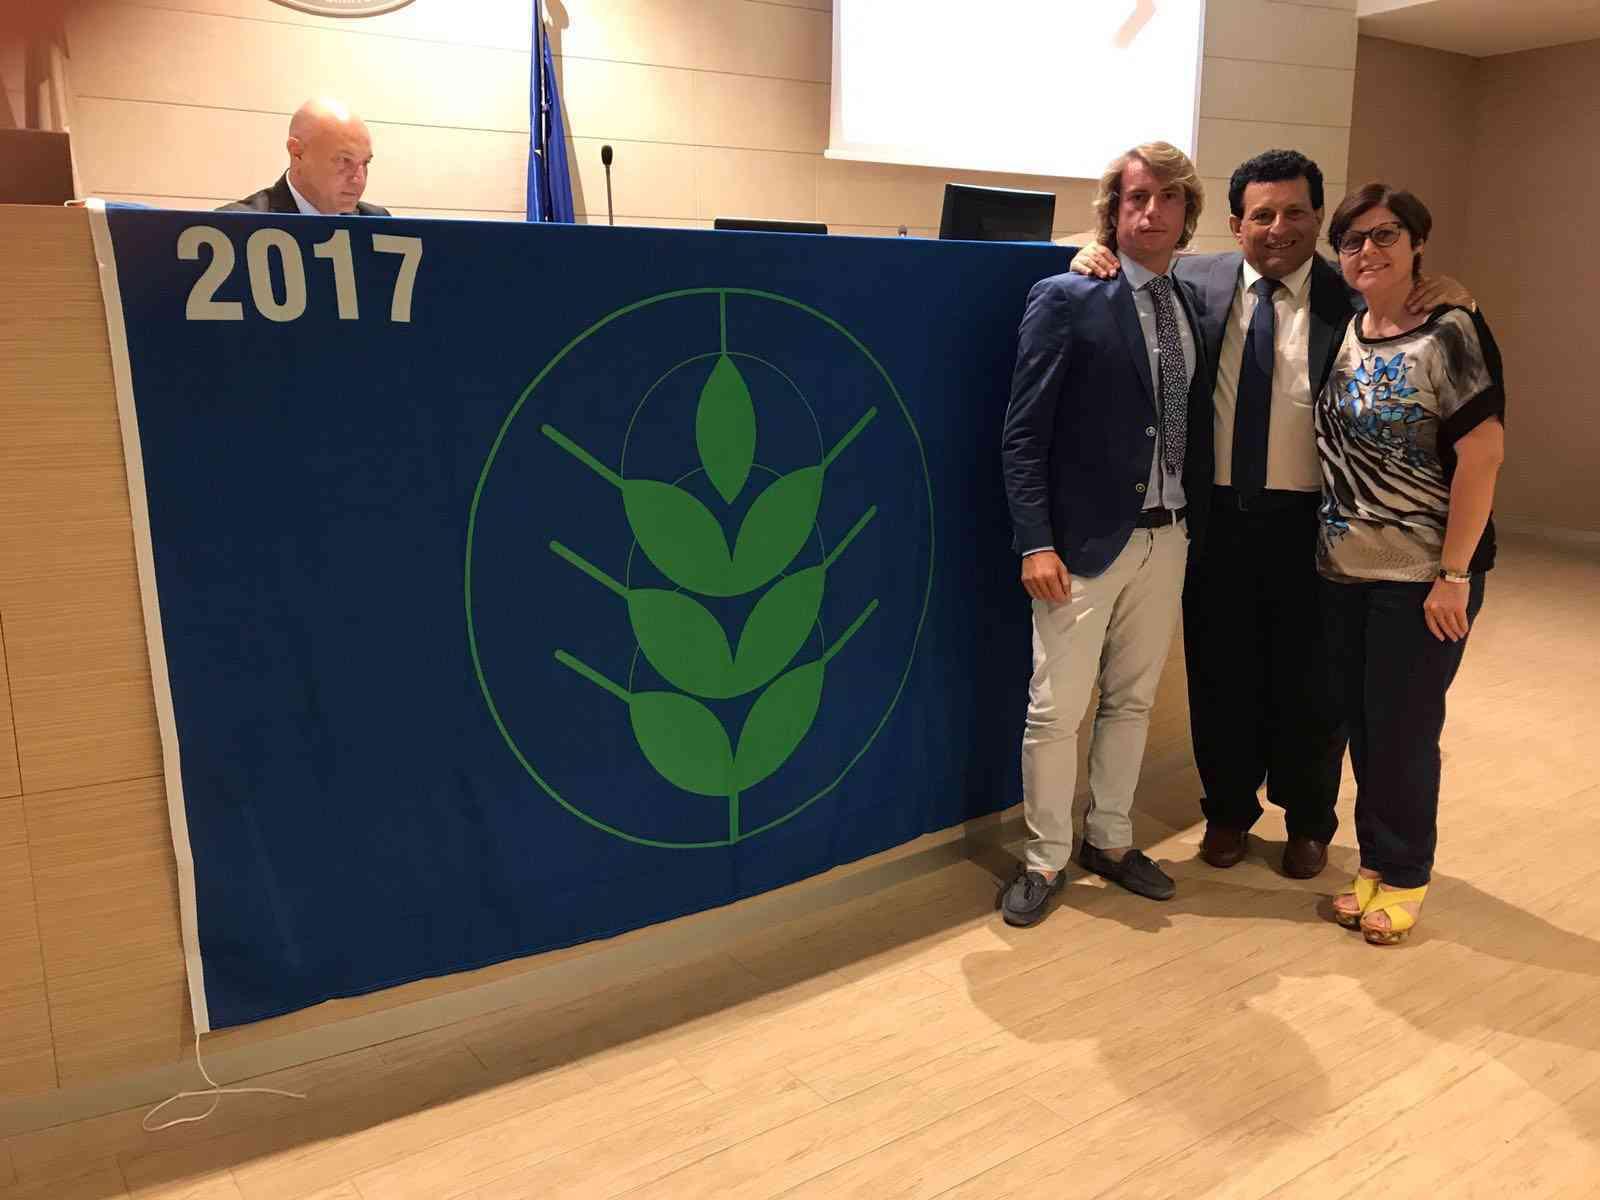 Menfi. Dopo la Bandiera Blu arrivano le Spighe Verdi per i comuni virtuosi in termini di sostenibilità